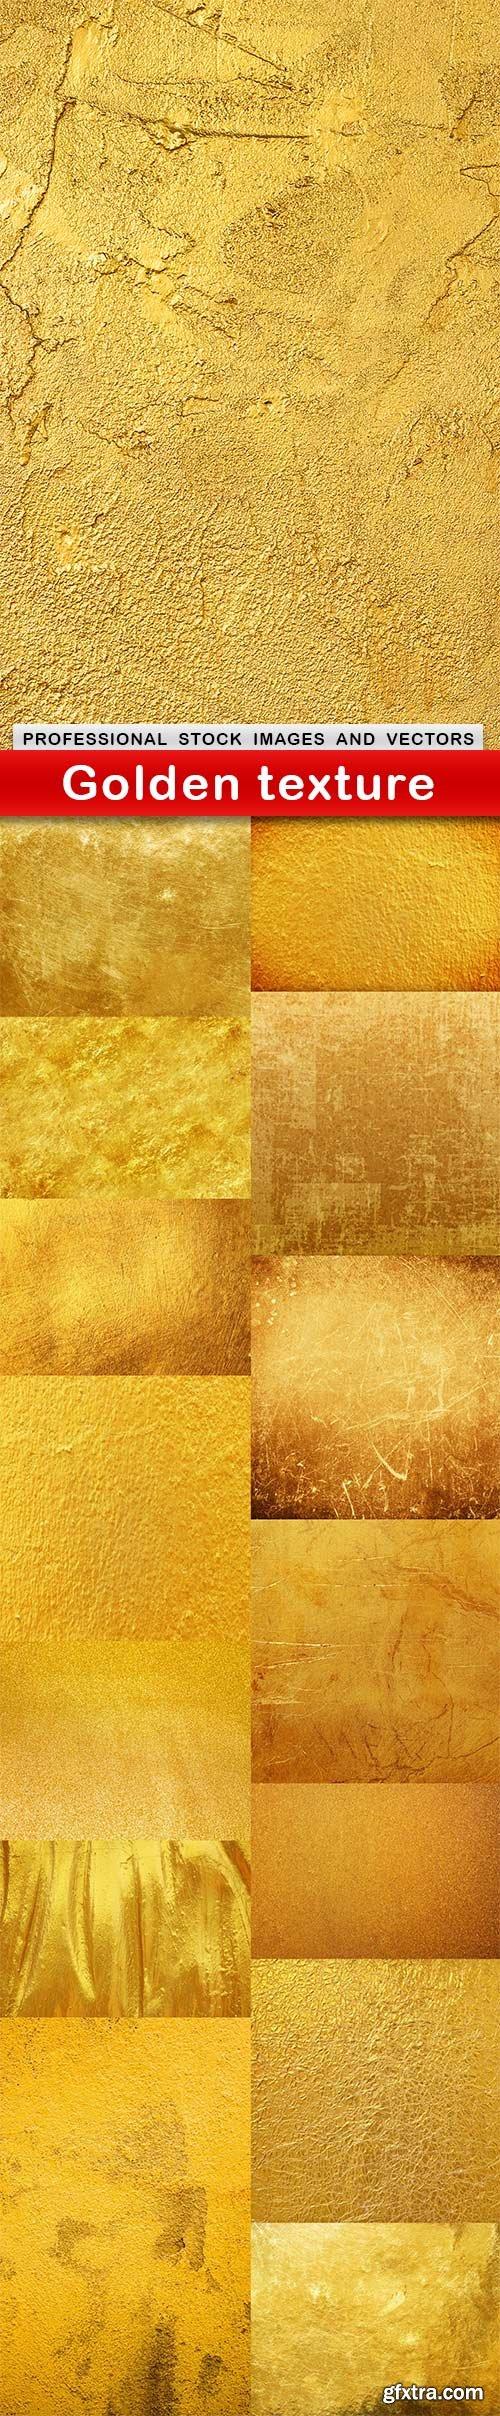 Golden texture - 15 UHQ JPEG